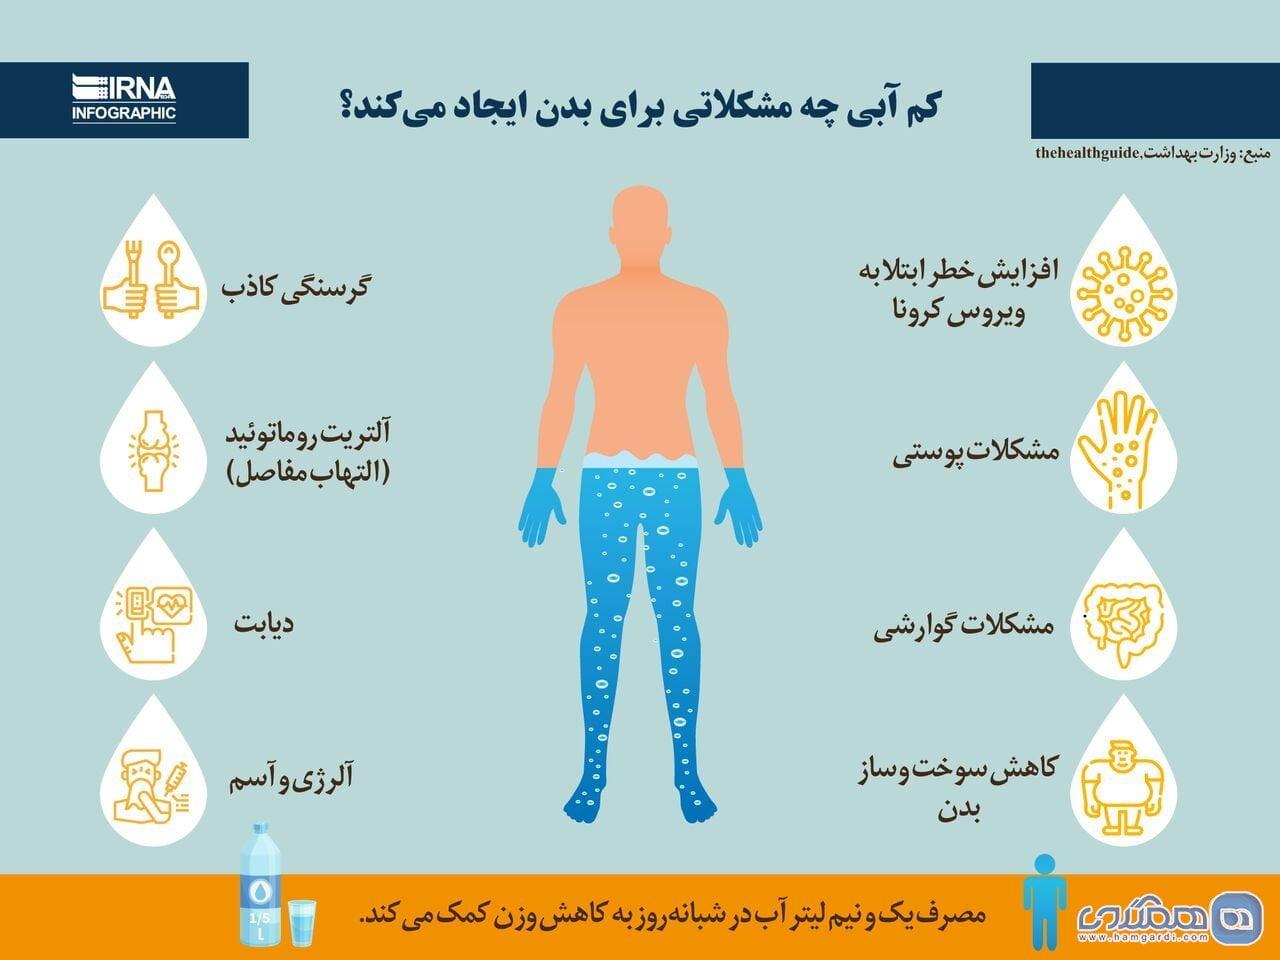 مشکلات کم آبی برای سلامتی بدن